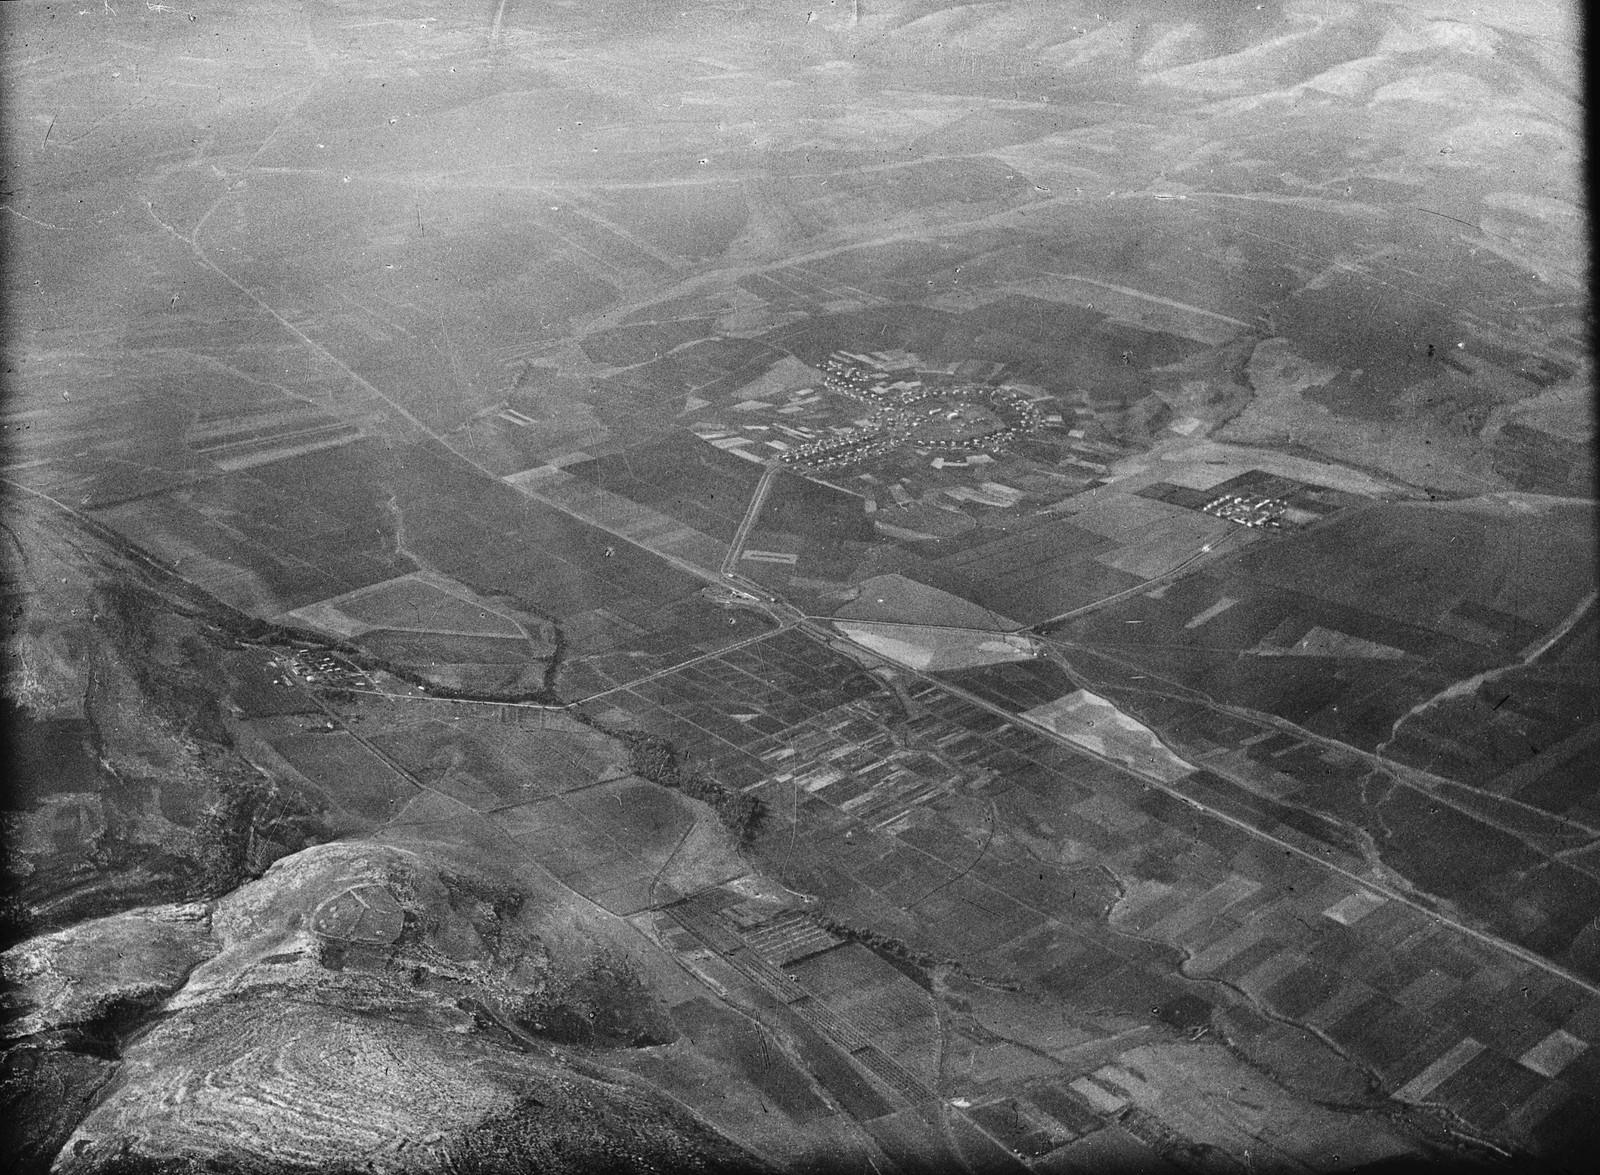 02. Изреельская долина. Показаны Гильбоа, источник Гедеона и еврейские поселения